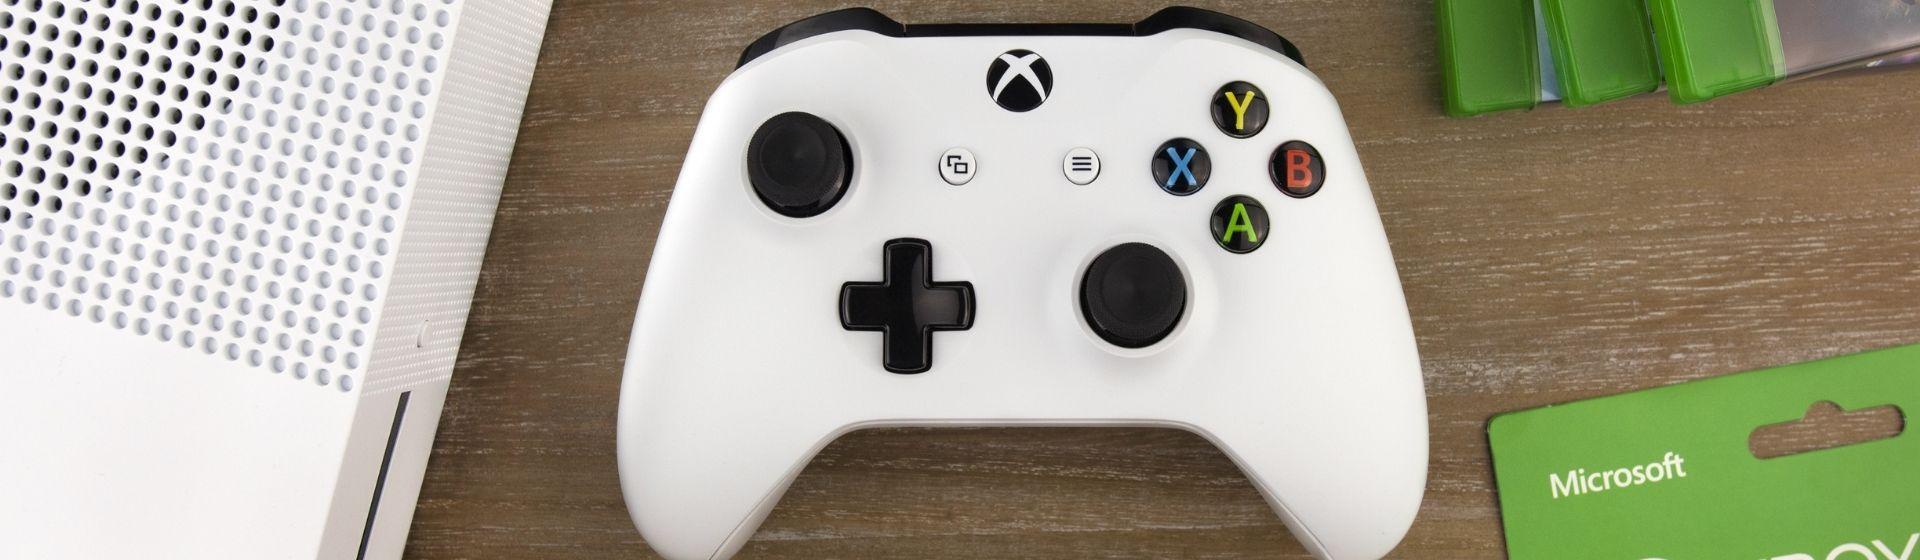 Xbox Live Gold: Gears 5, Resident Evil e mais jogos grátis em fevereiro